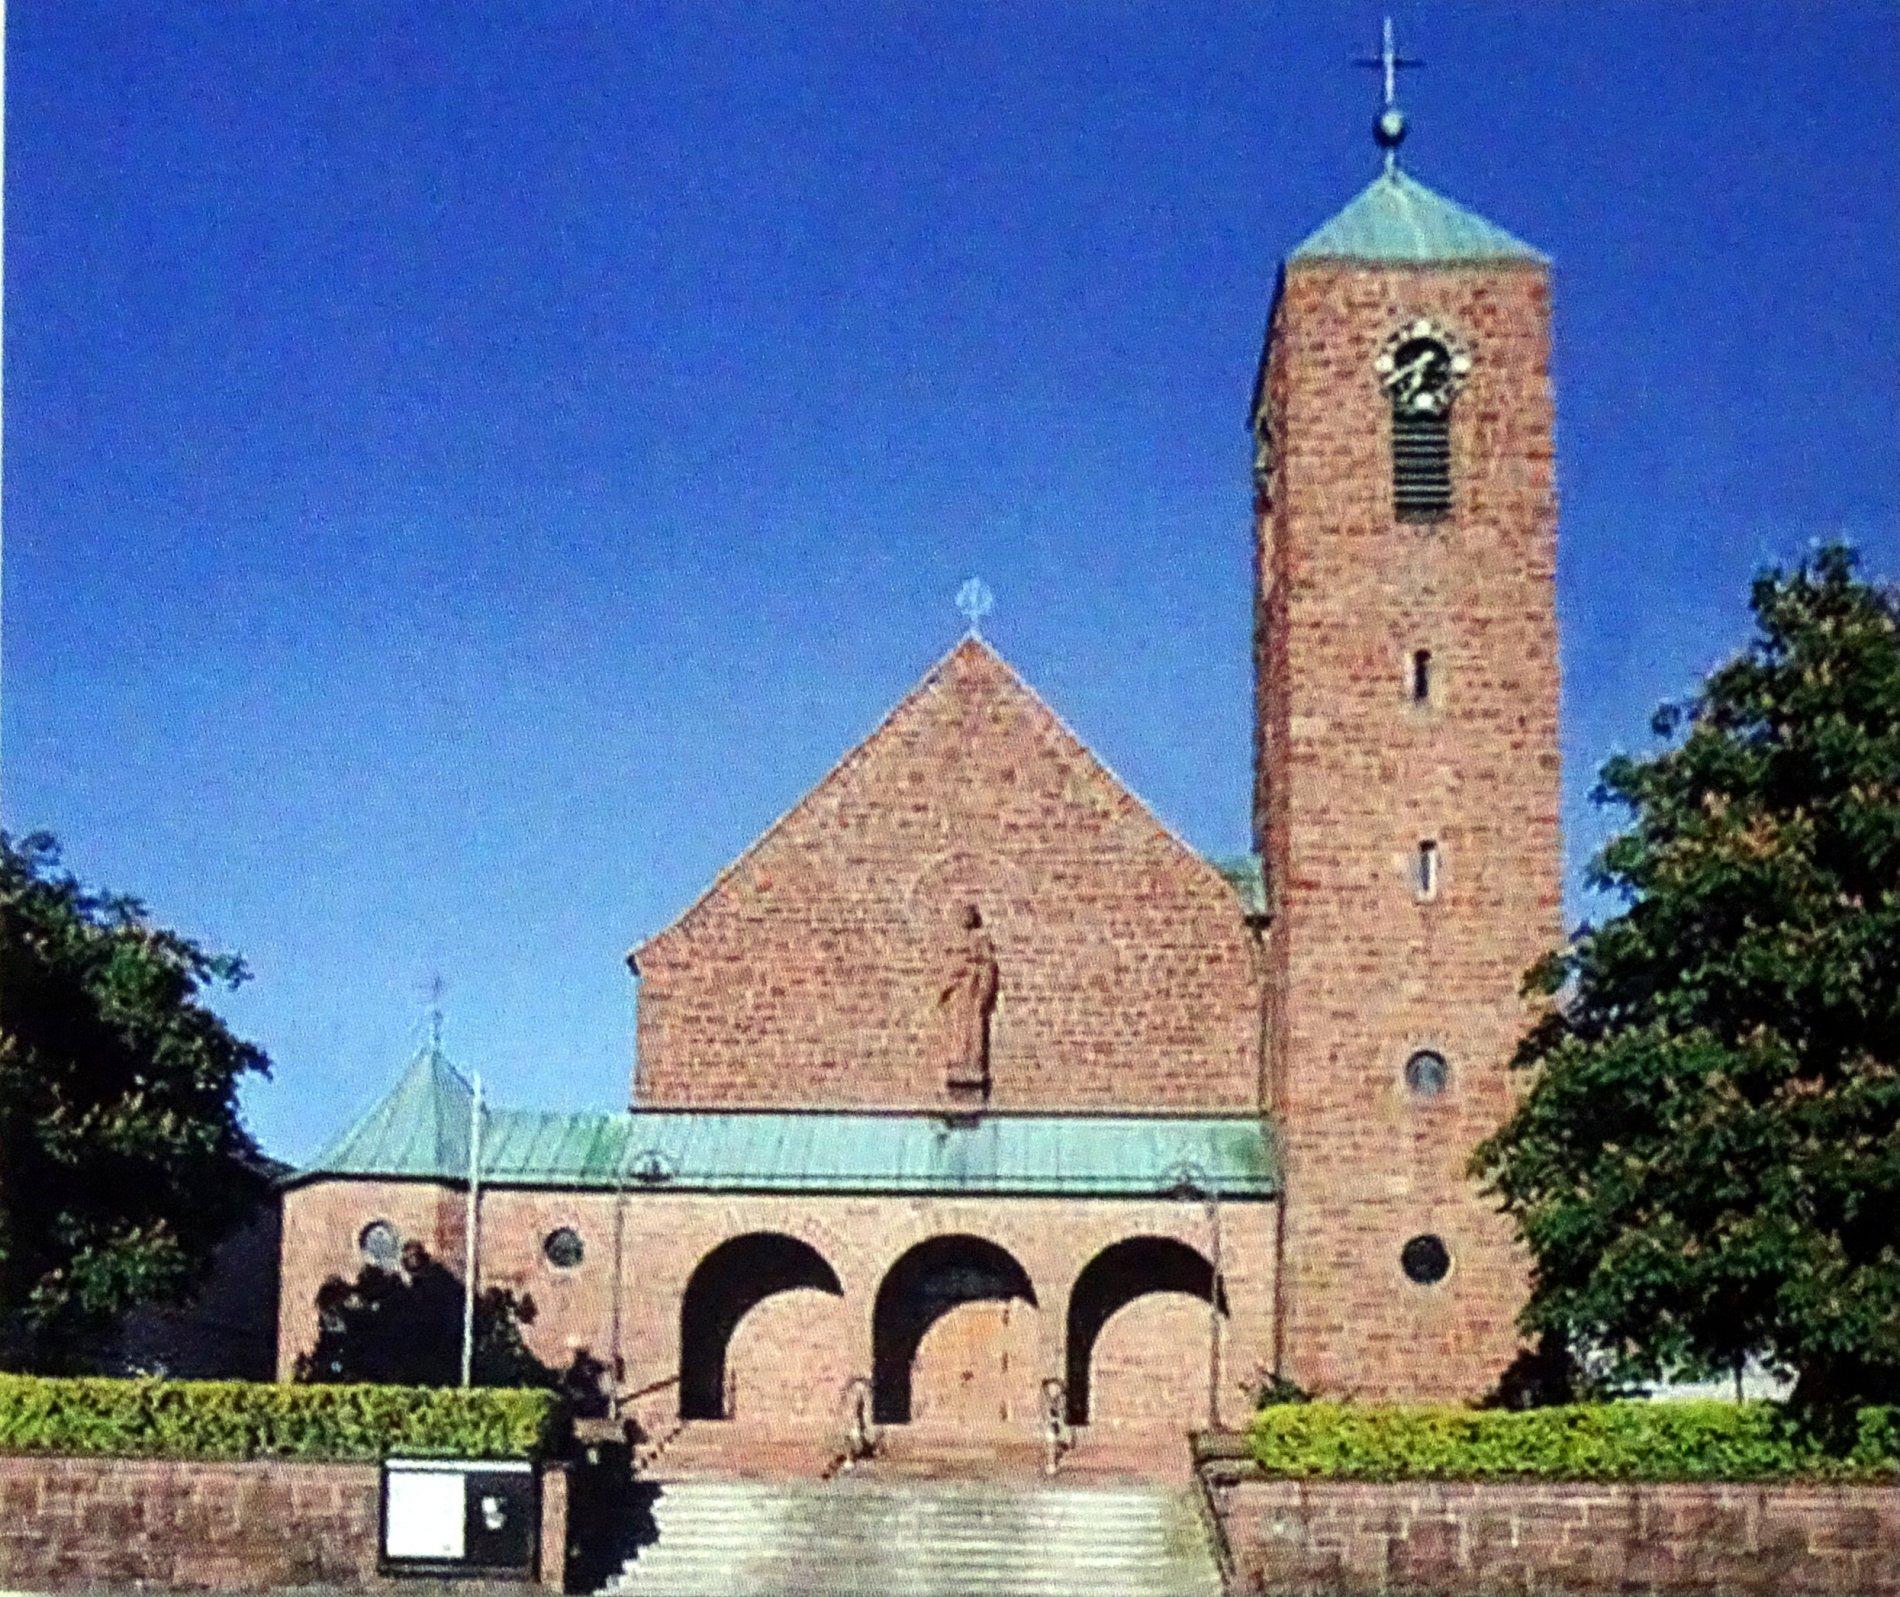 Zu Sehen ist die St Josef Kirche Pfaffenrot von außen